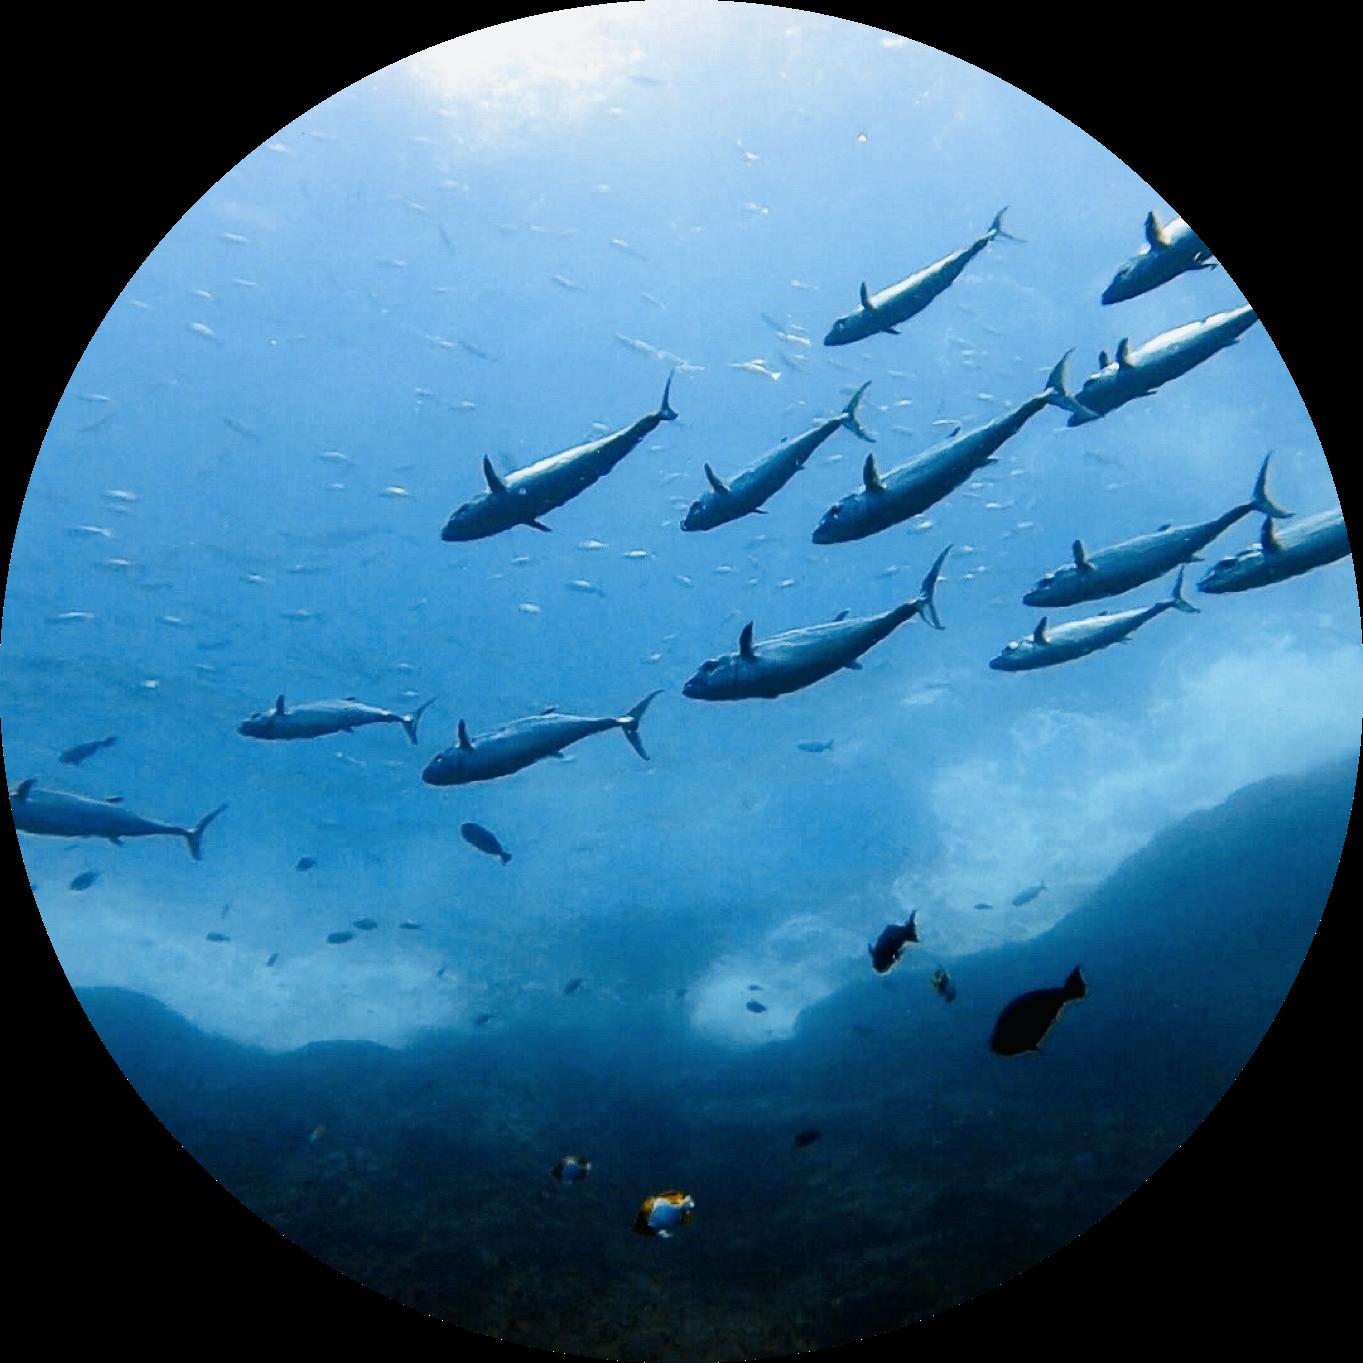 貴重な海洋資源を守るための活動